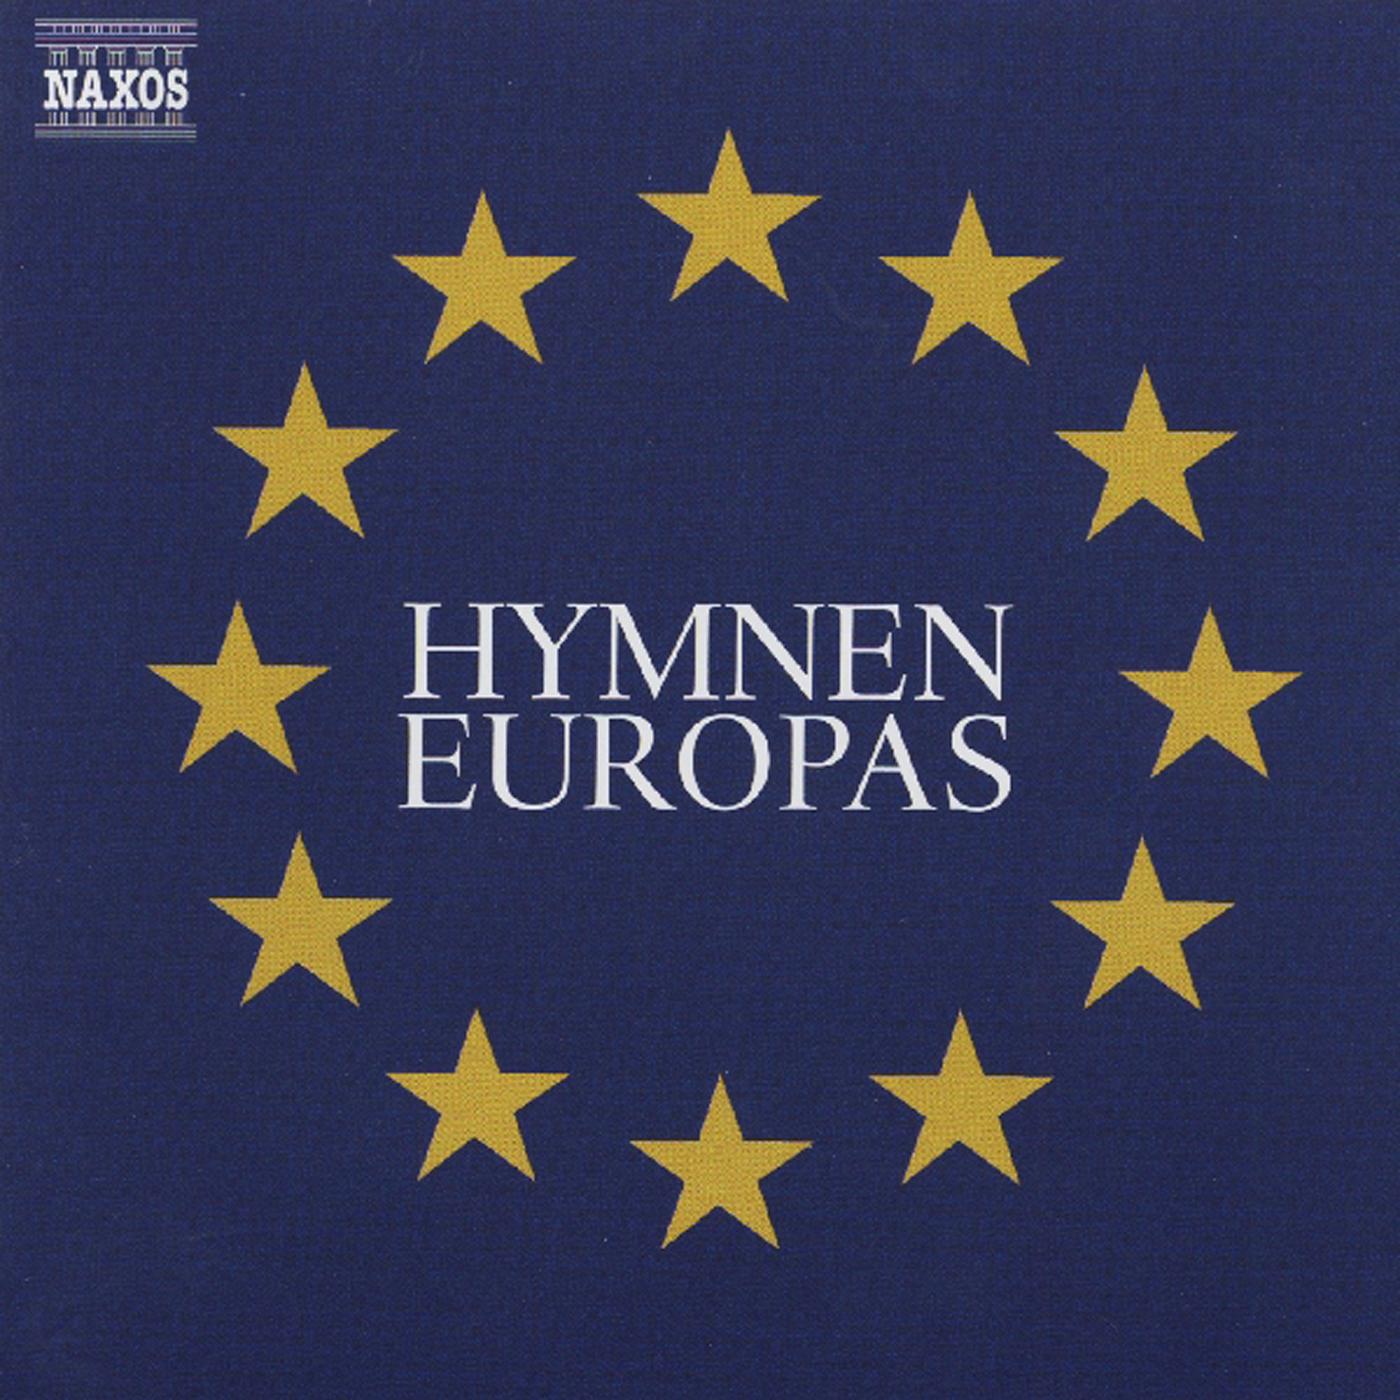 nationalhymne europa